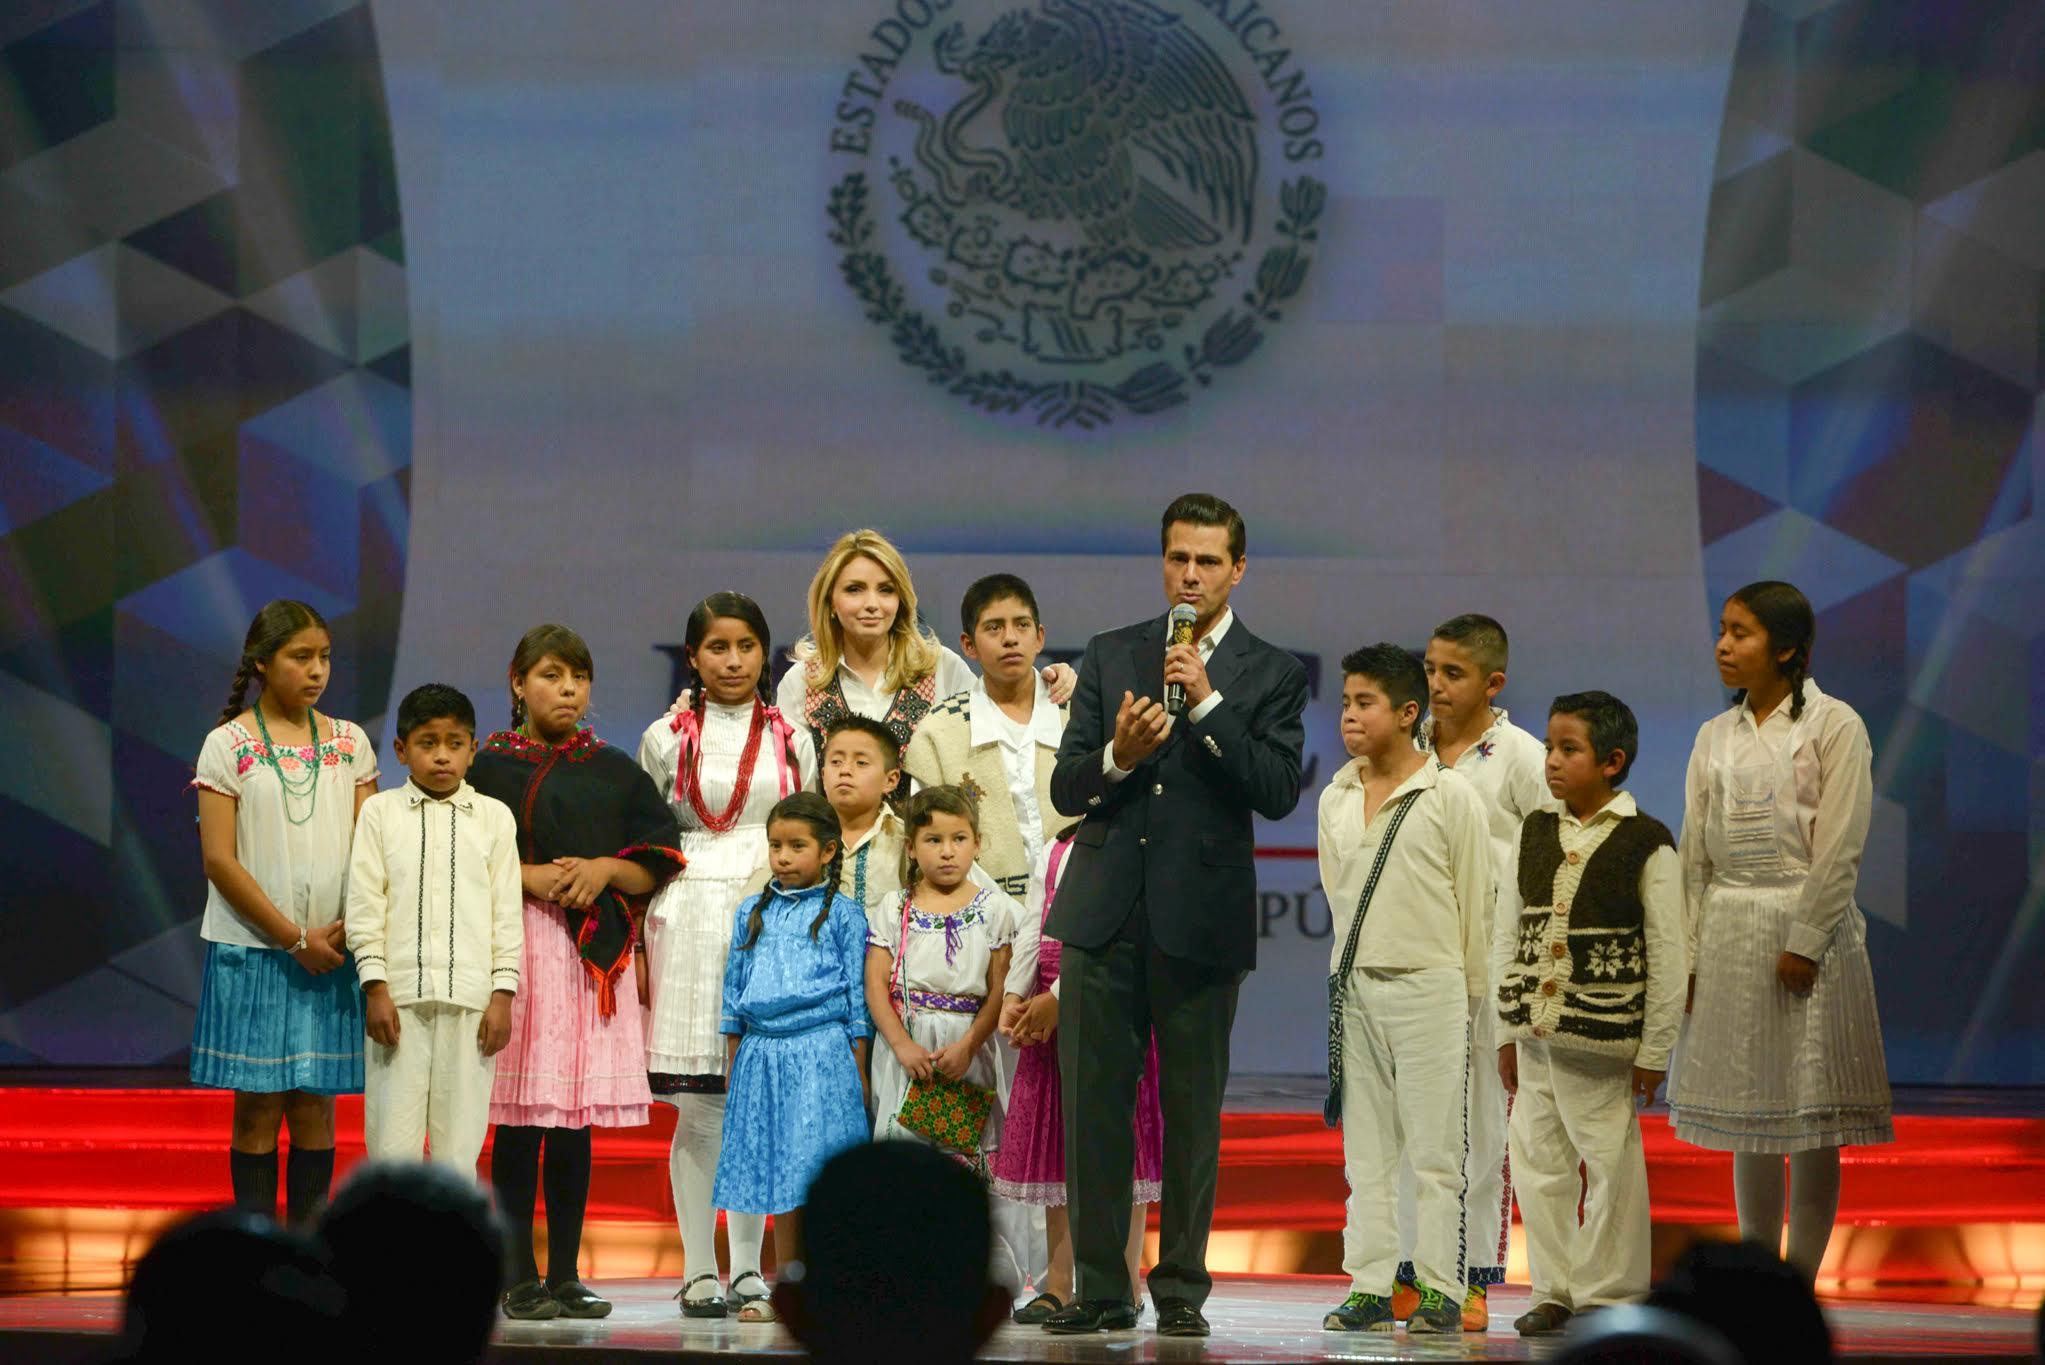 El Primer Mandatario y su esposa, Angélica Rivera de Peña, rodeados de niños de la comunidad mazahua en la inauguración del Tianguis Turístico 2016.